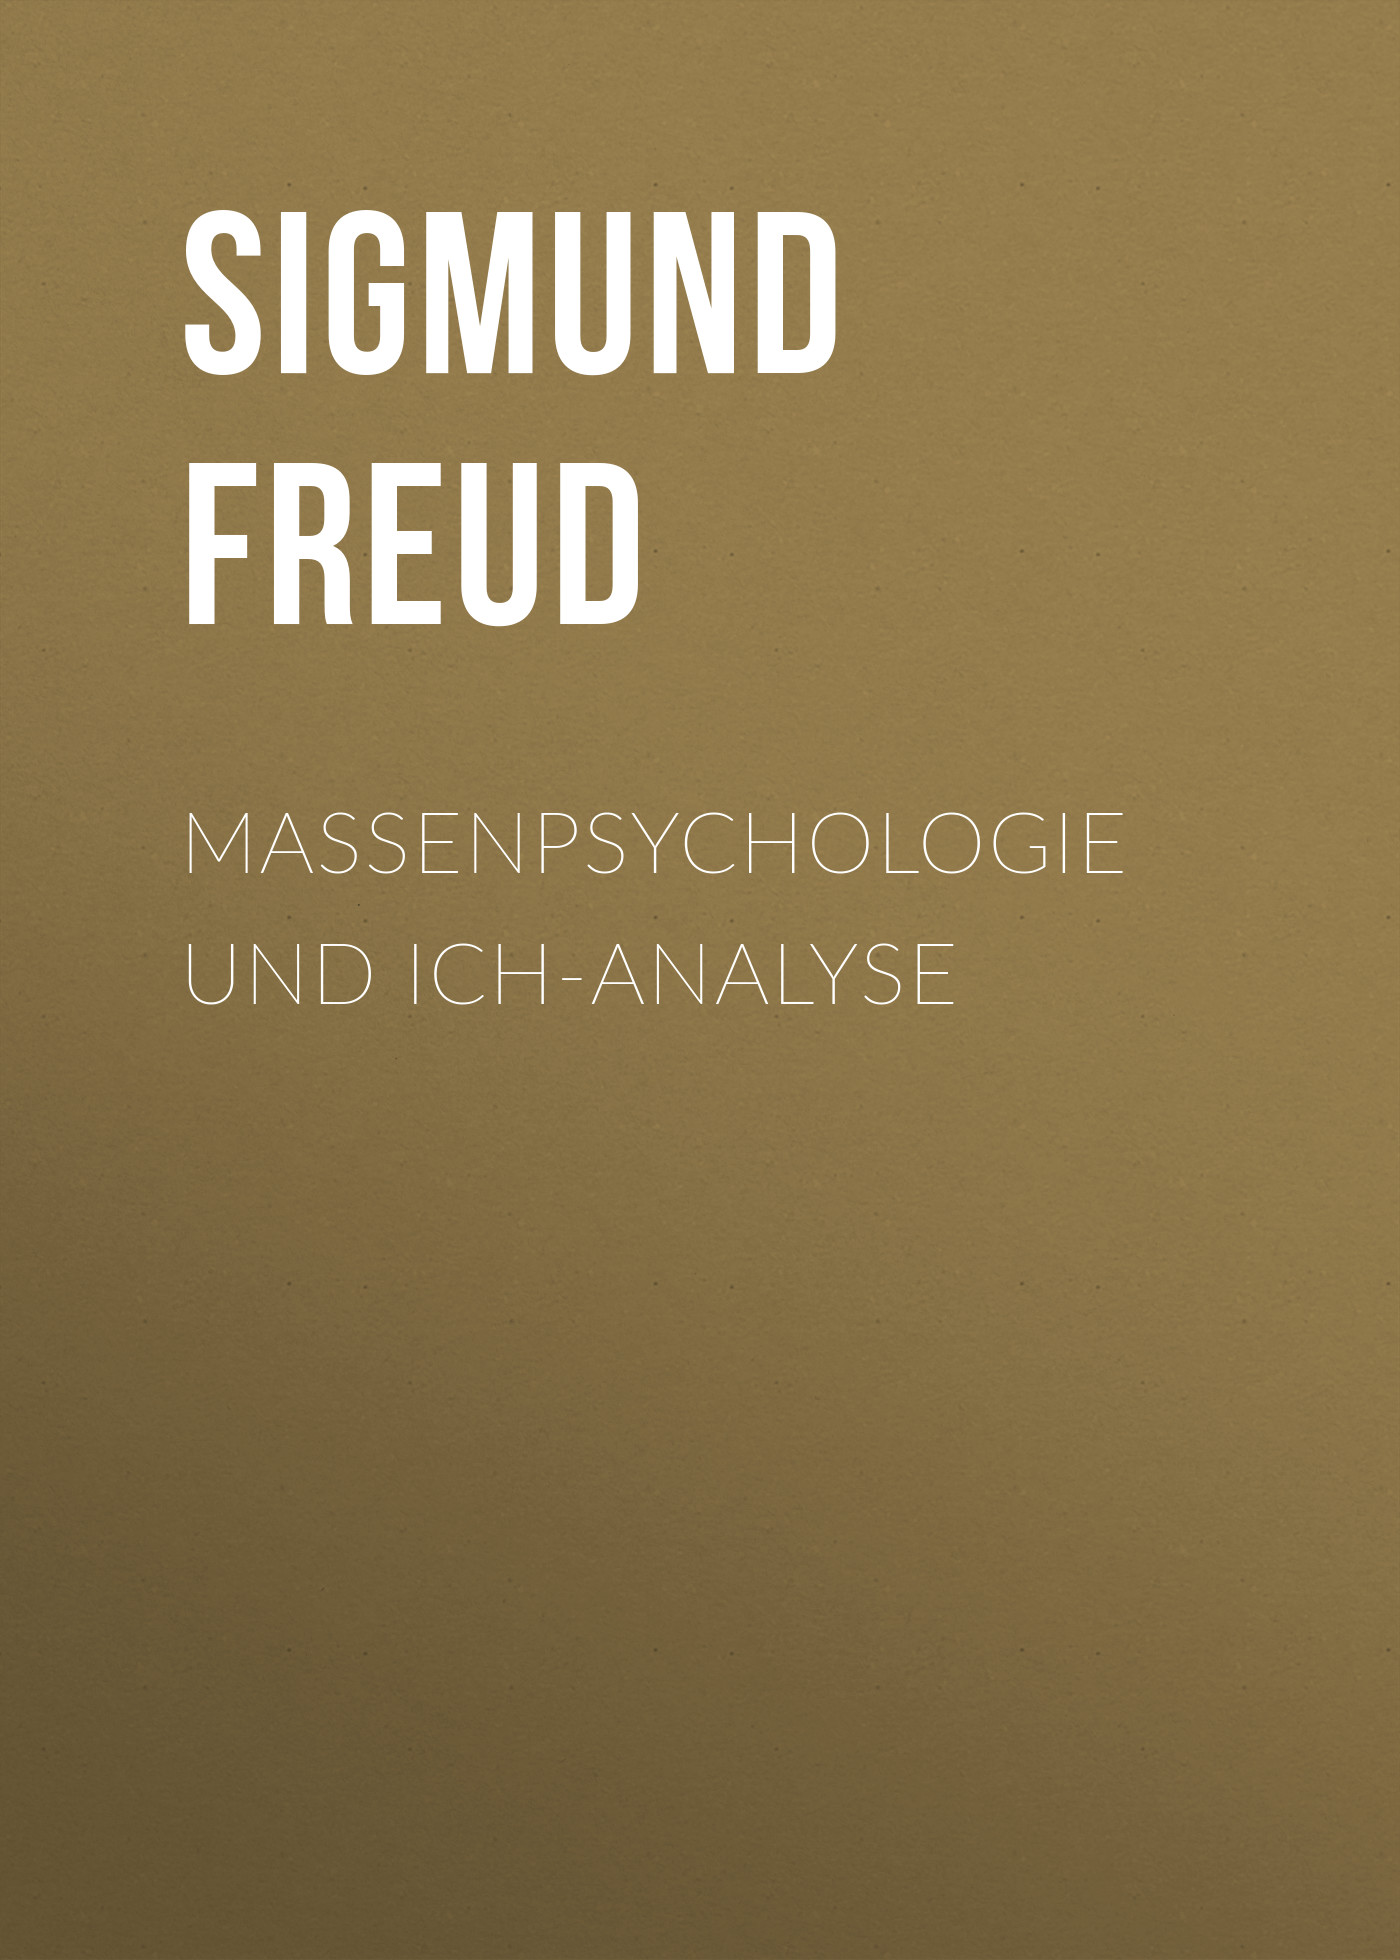 Зигмунд Фрейд Massenpsychologie und Ich-Analyse зигмунд фрейд оговорки